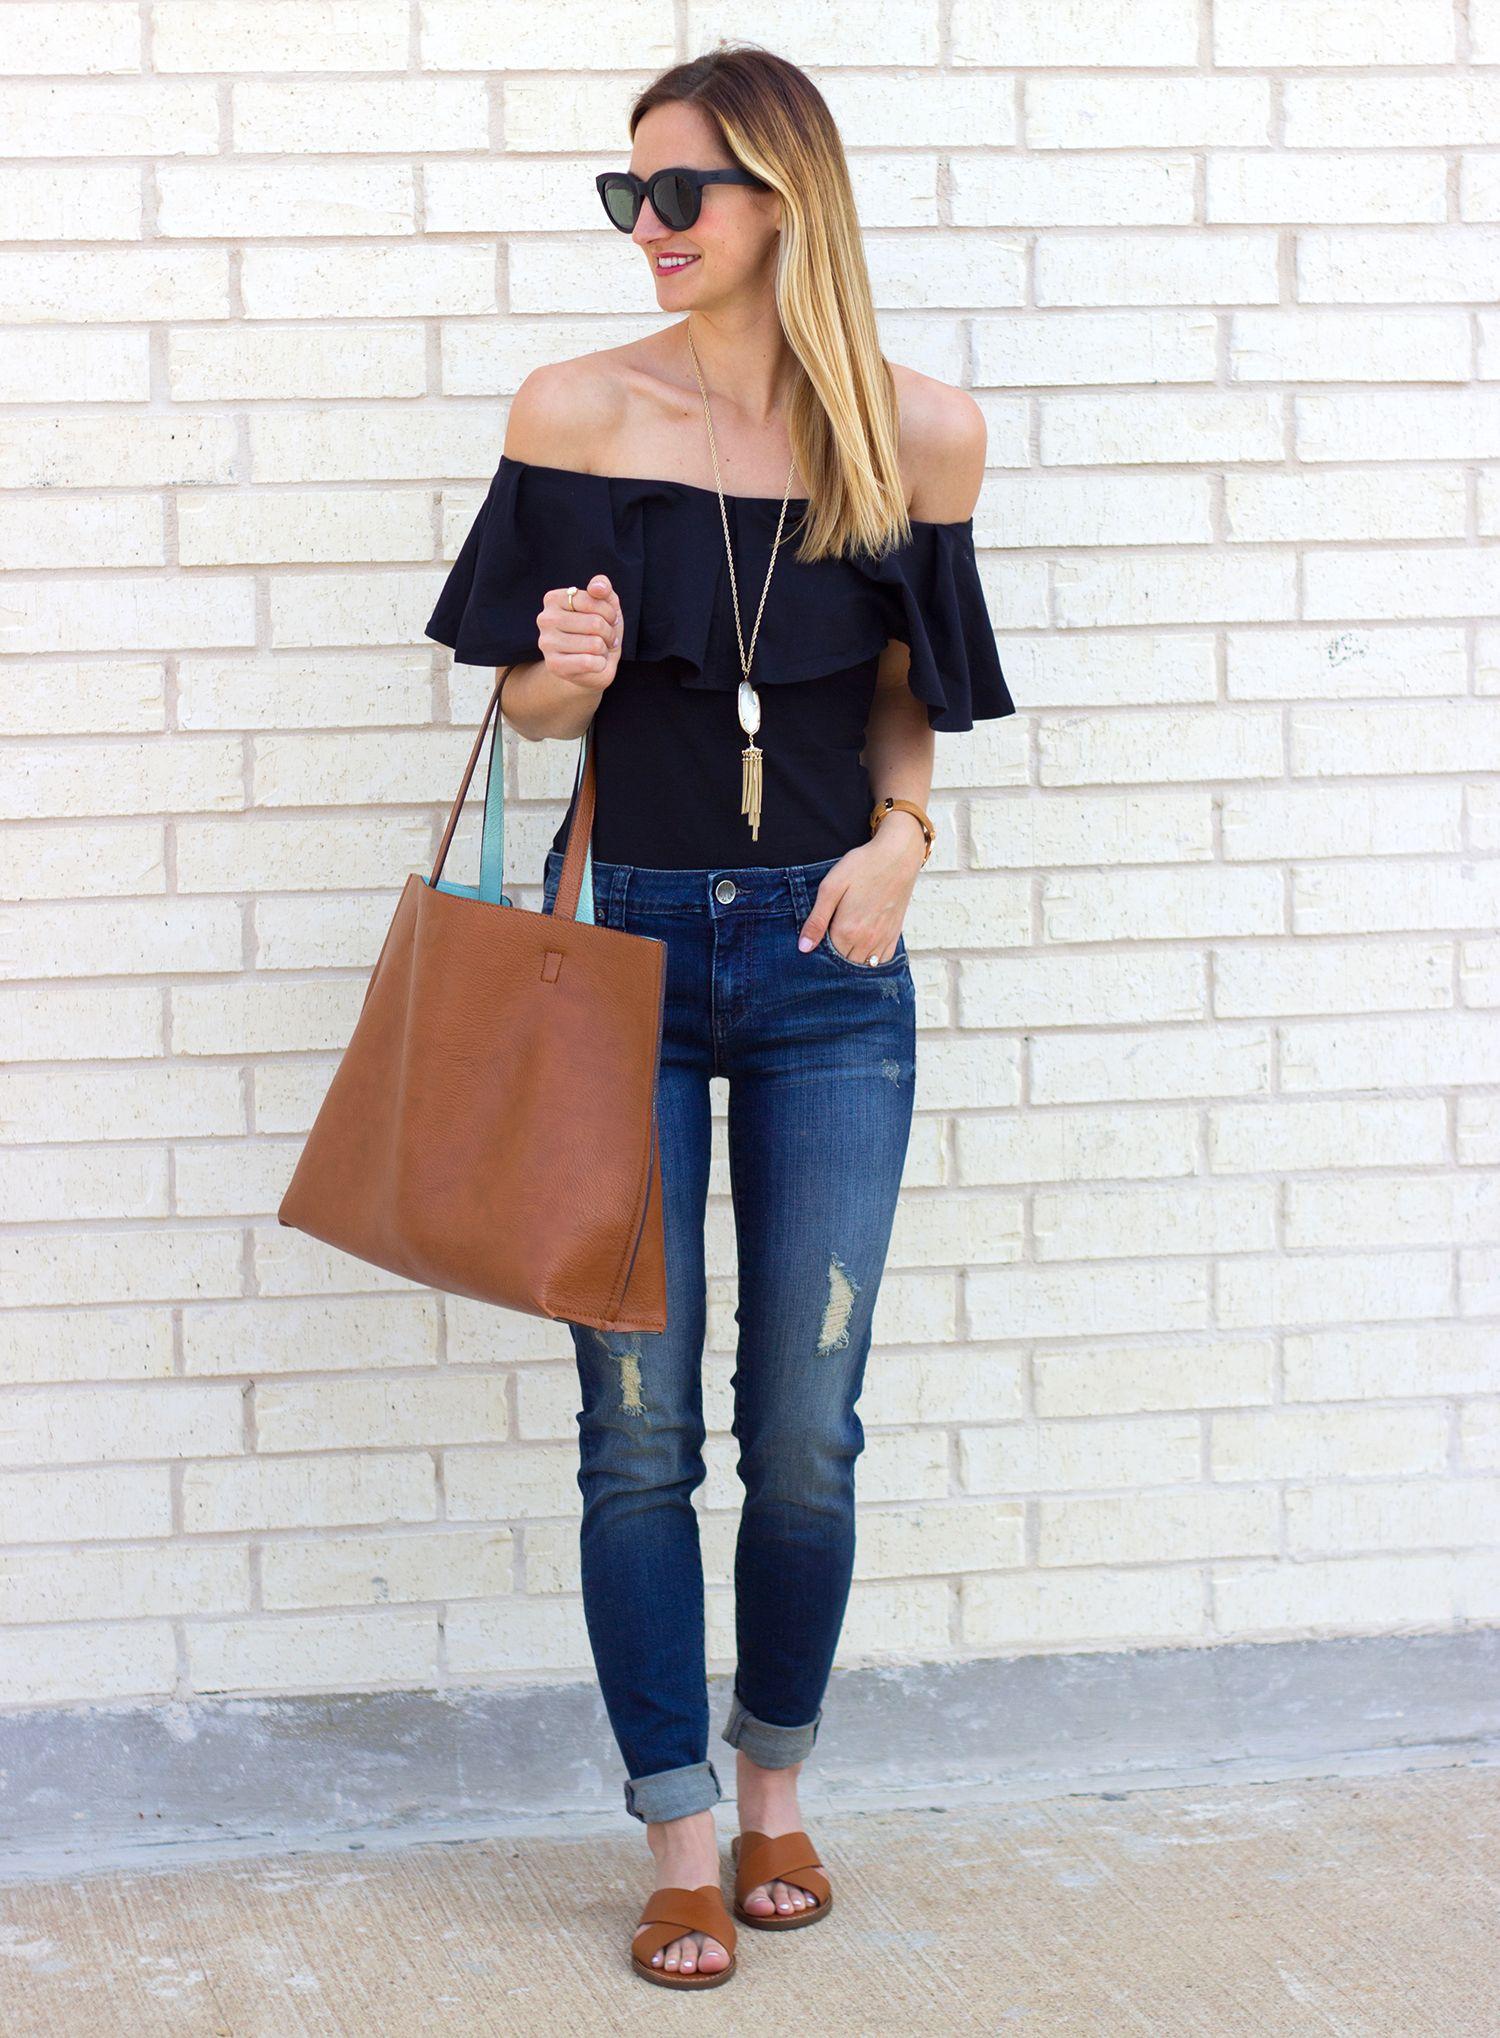 3a6c784049f07d ruffle off the shoulder top + distressed skinny jeans    livvylandblog  LivvyLand